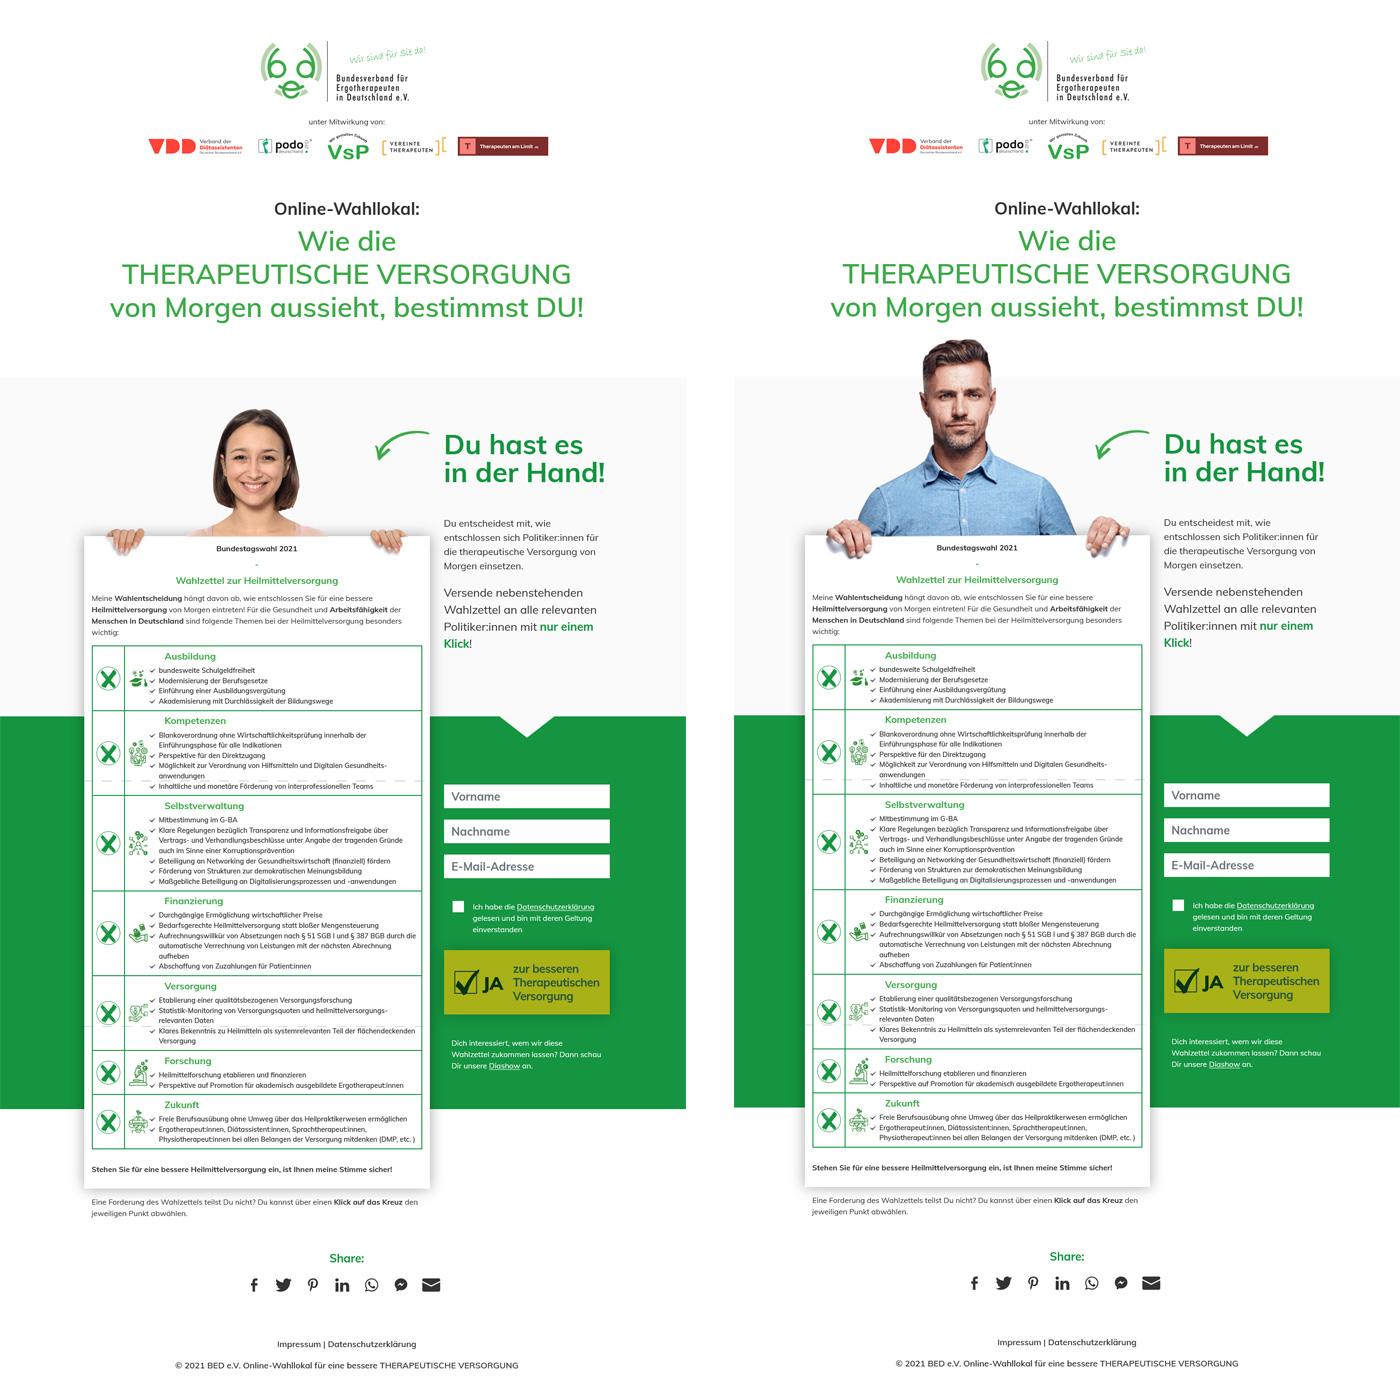 Bundestagswahl 2021 - Wahlzettel zur Heilmittelversorgung